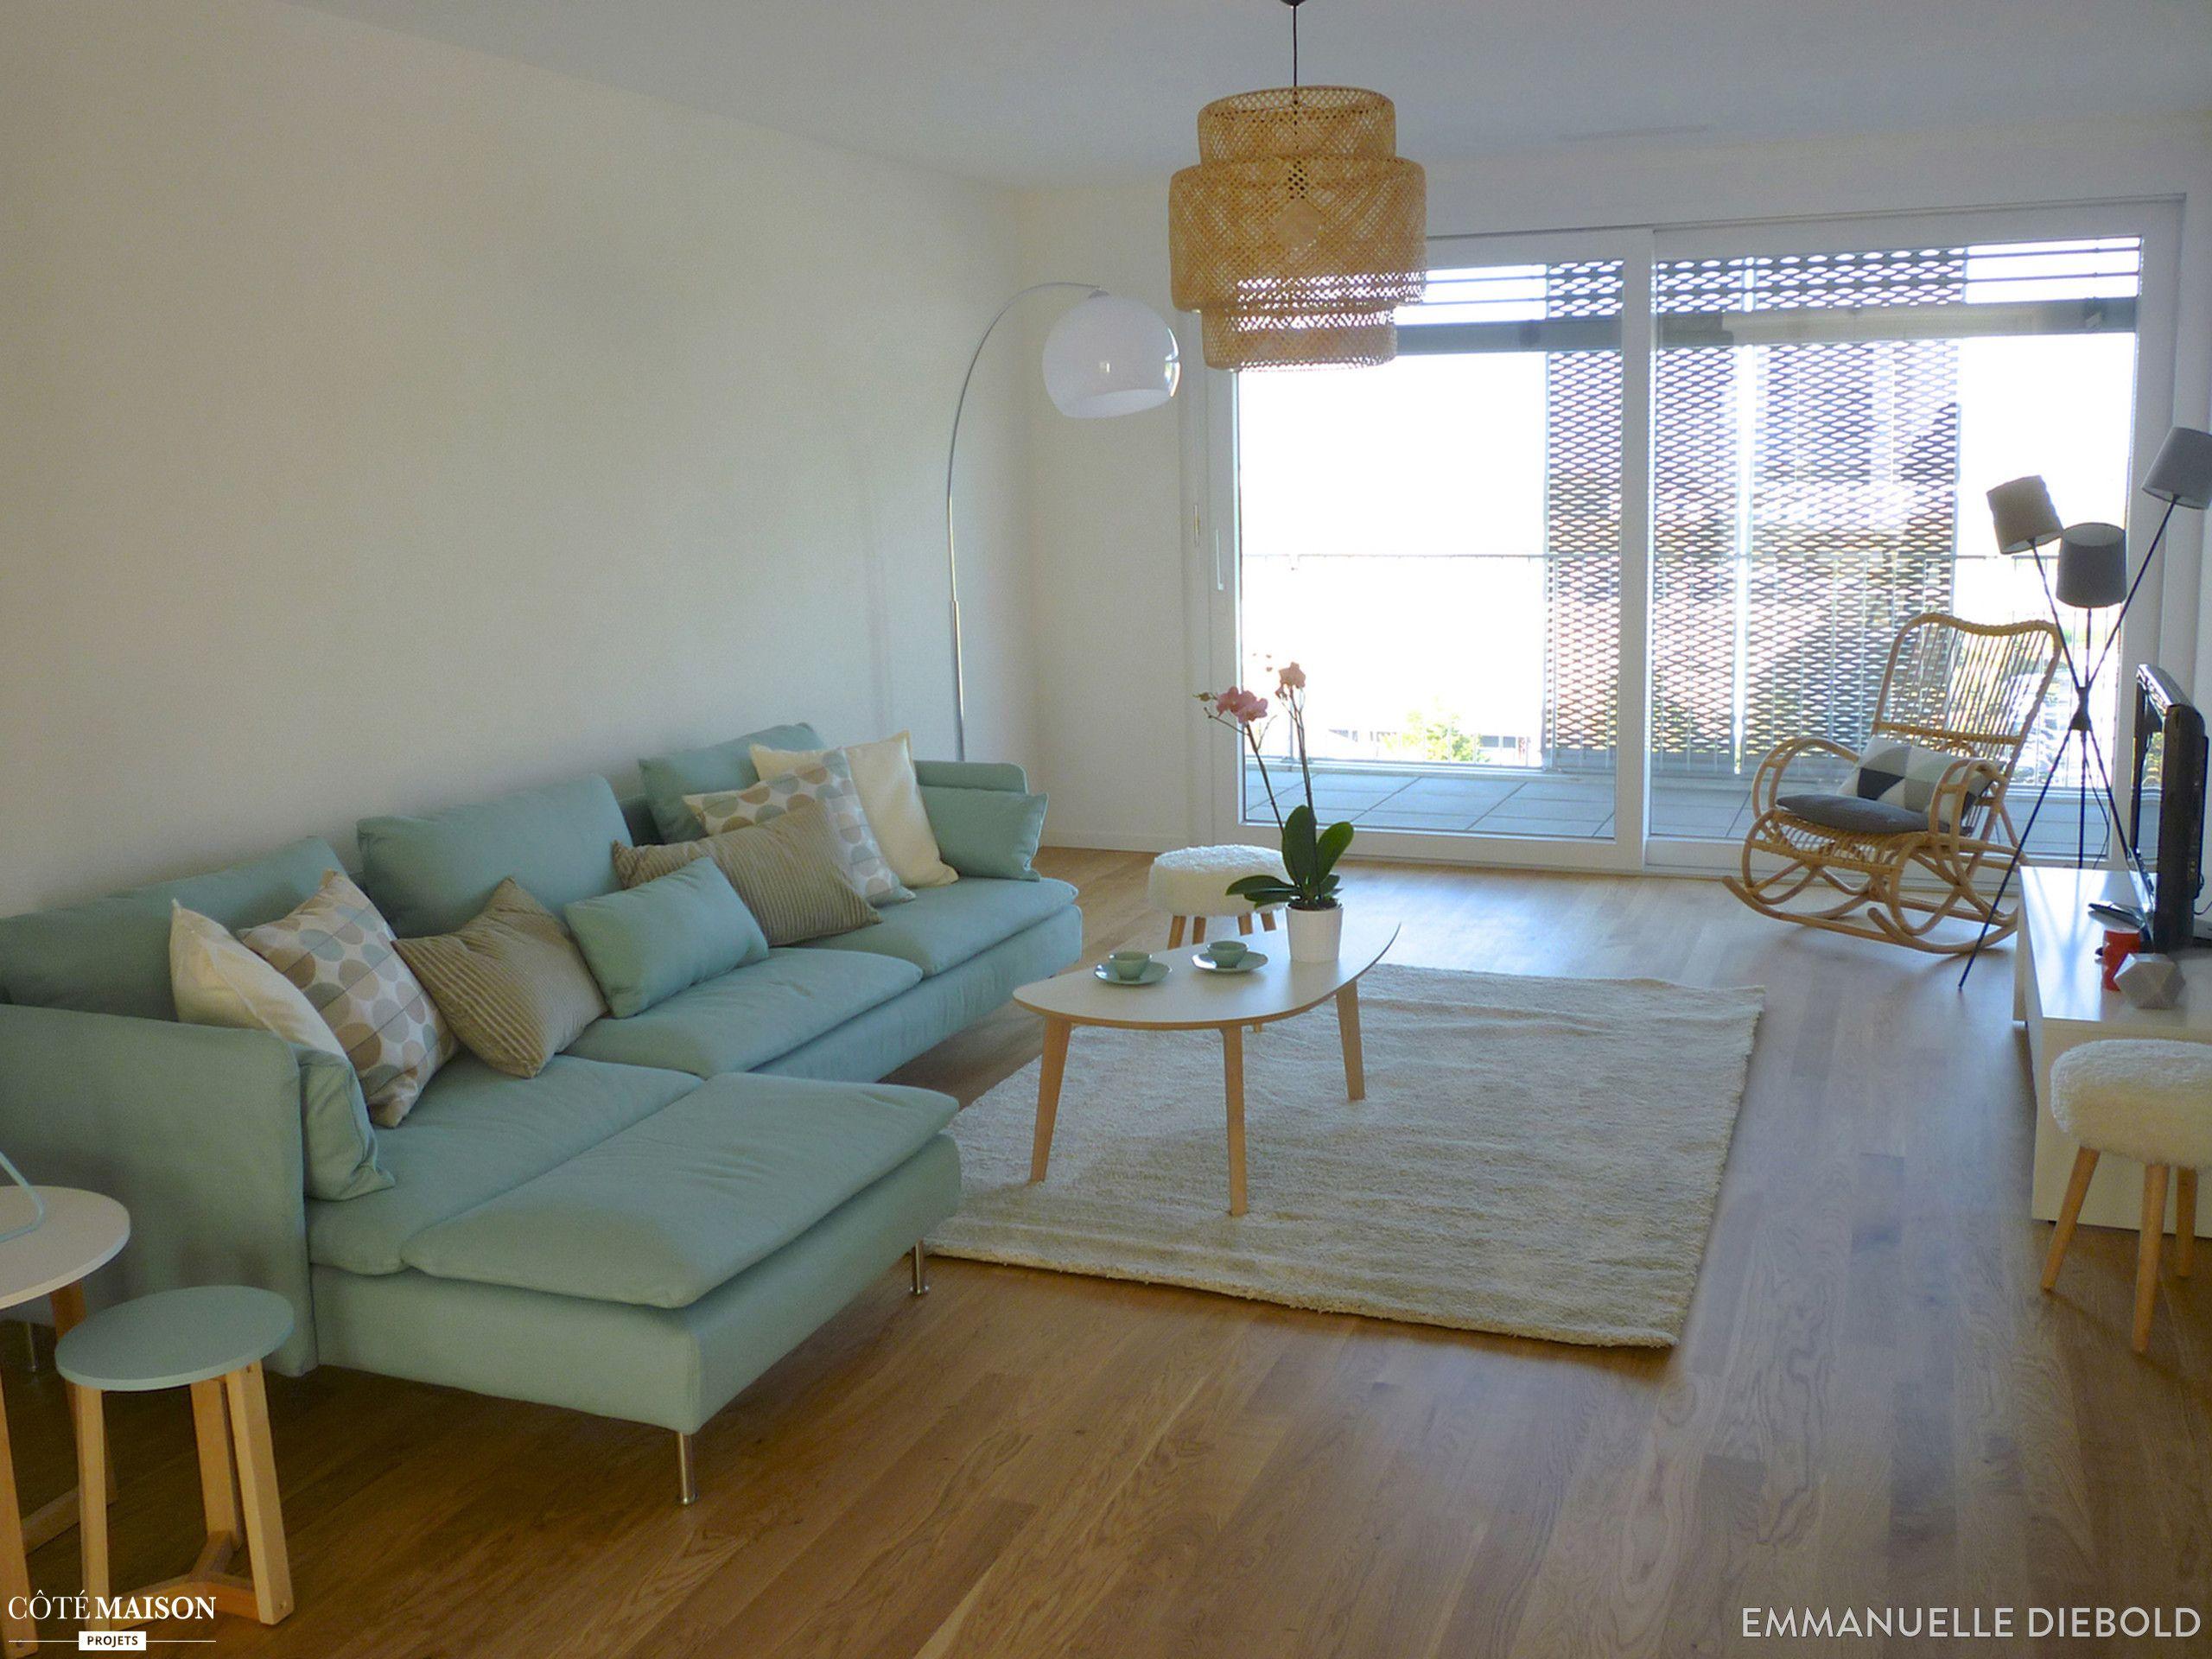 L gant meubles pour petit salon avec chemin e hiw6 for Ameublement petit salon